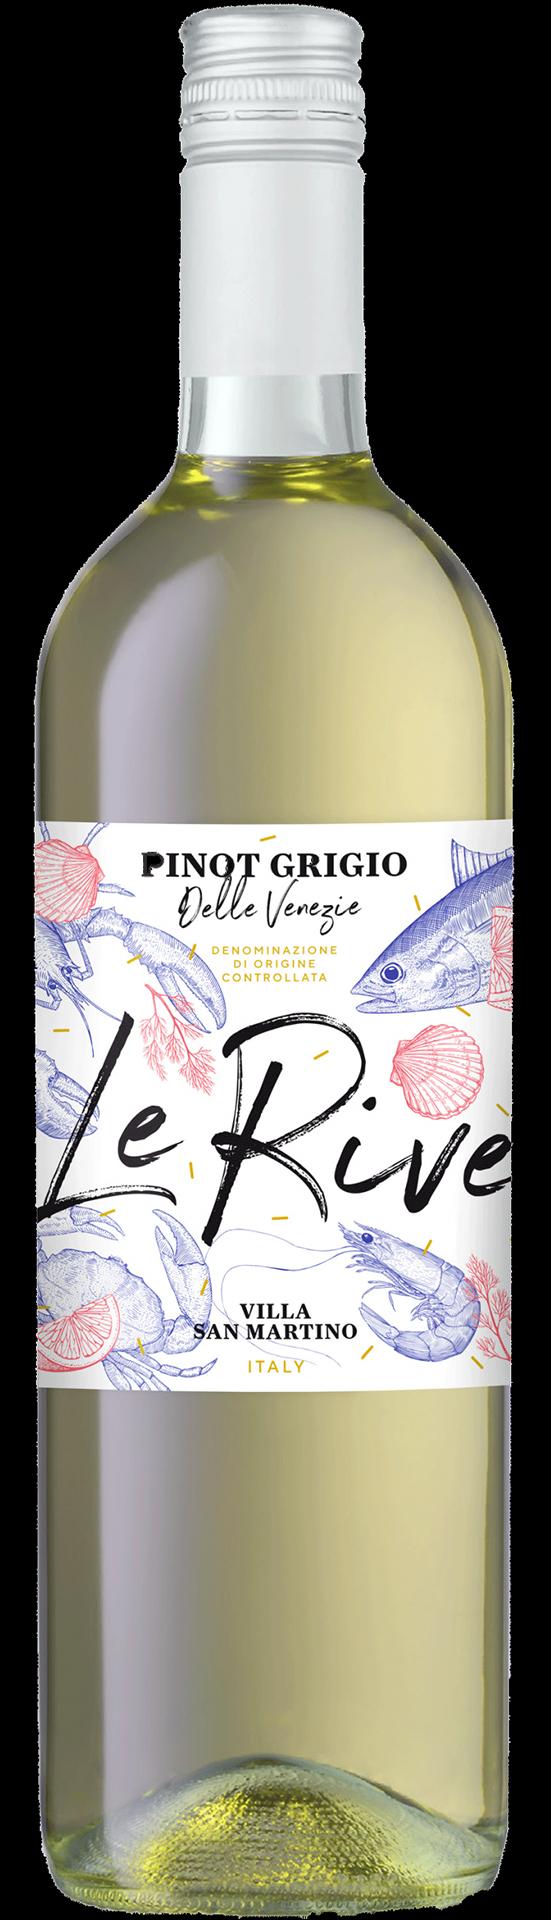 6 Flaschen Pinot Grigio | Cantina Di Bertiolo | 2019 | 0,75 Liter